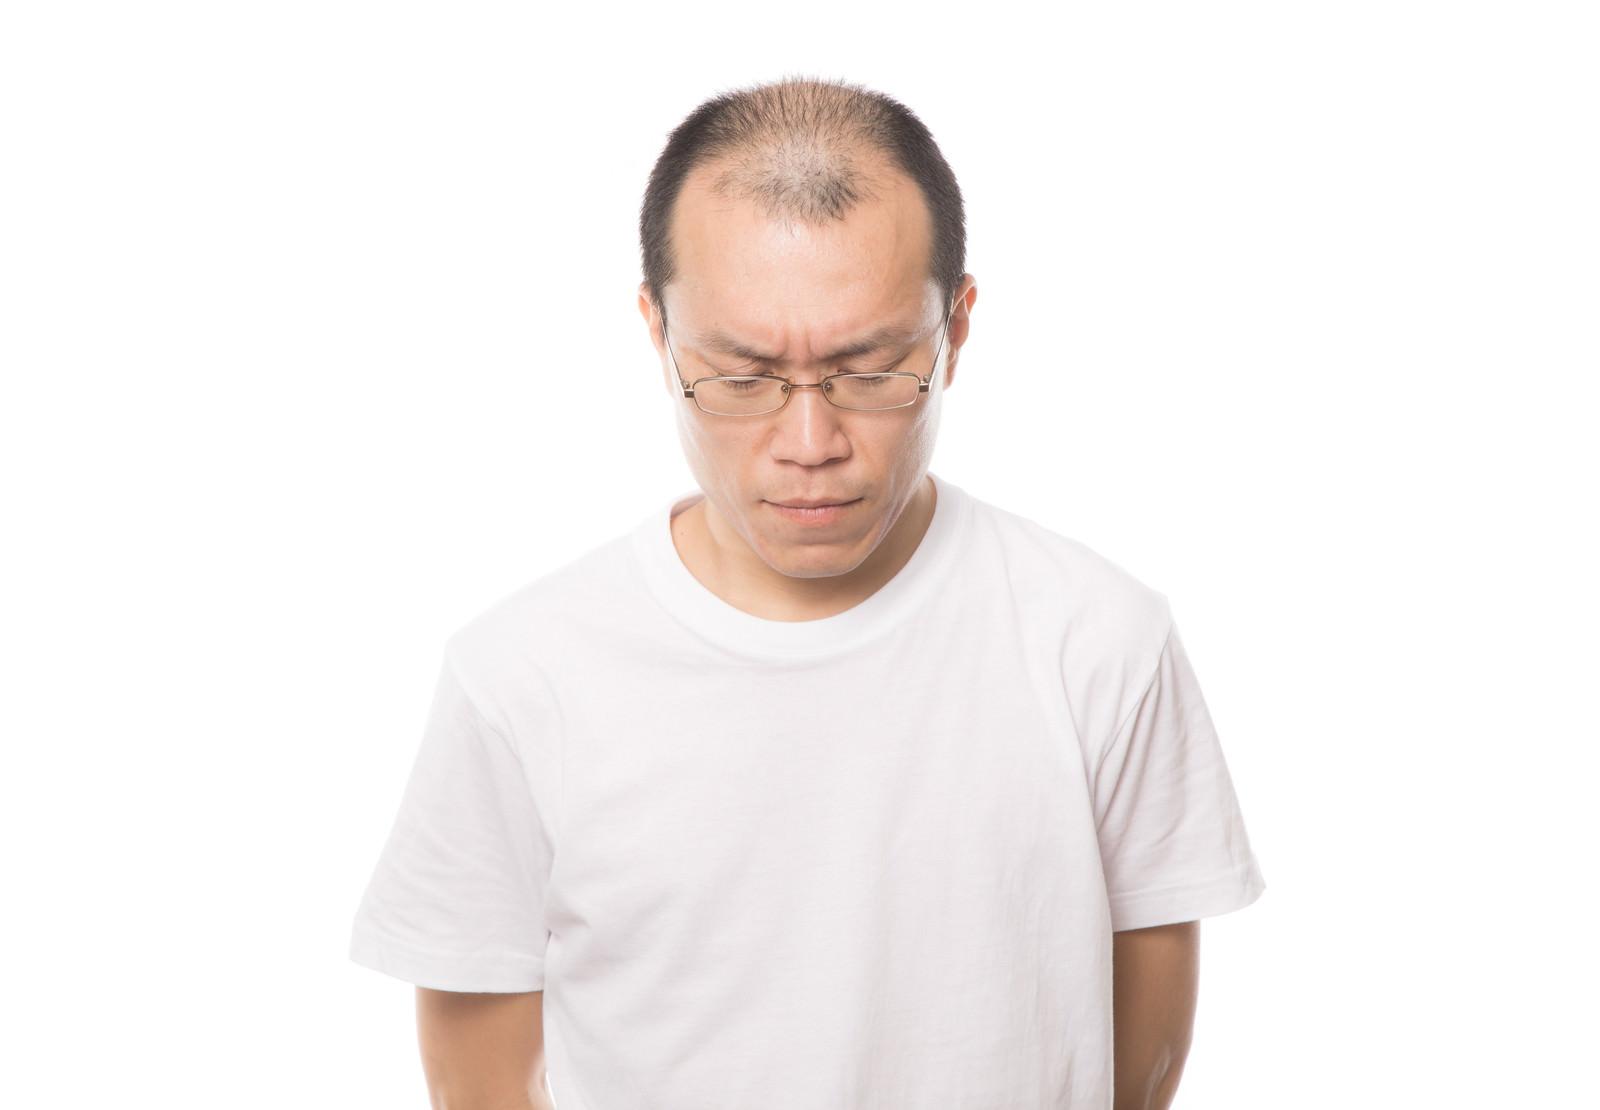 「髪(薄毛)の悩みを深刻に考える男性」の写真[モデル:サンライズ鈴木]